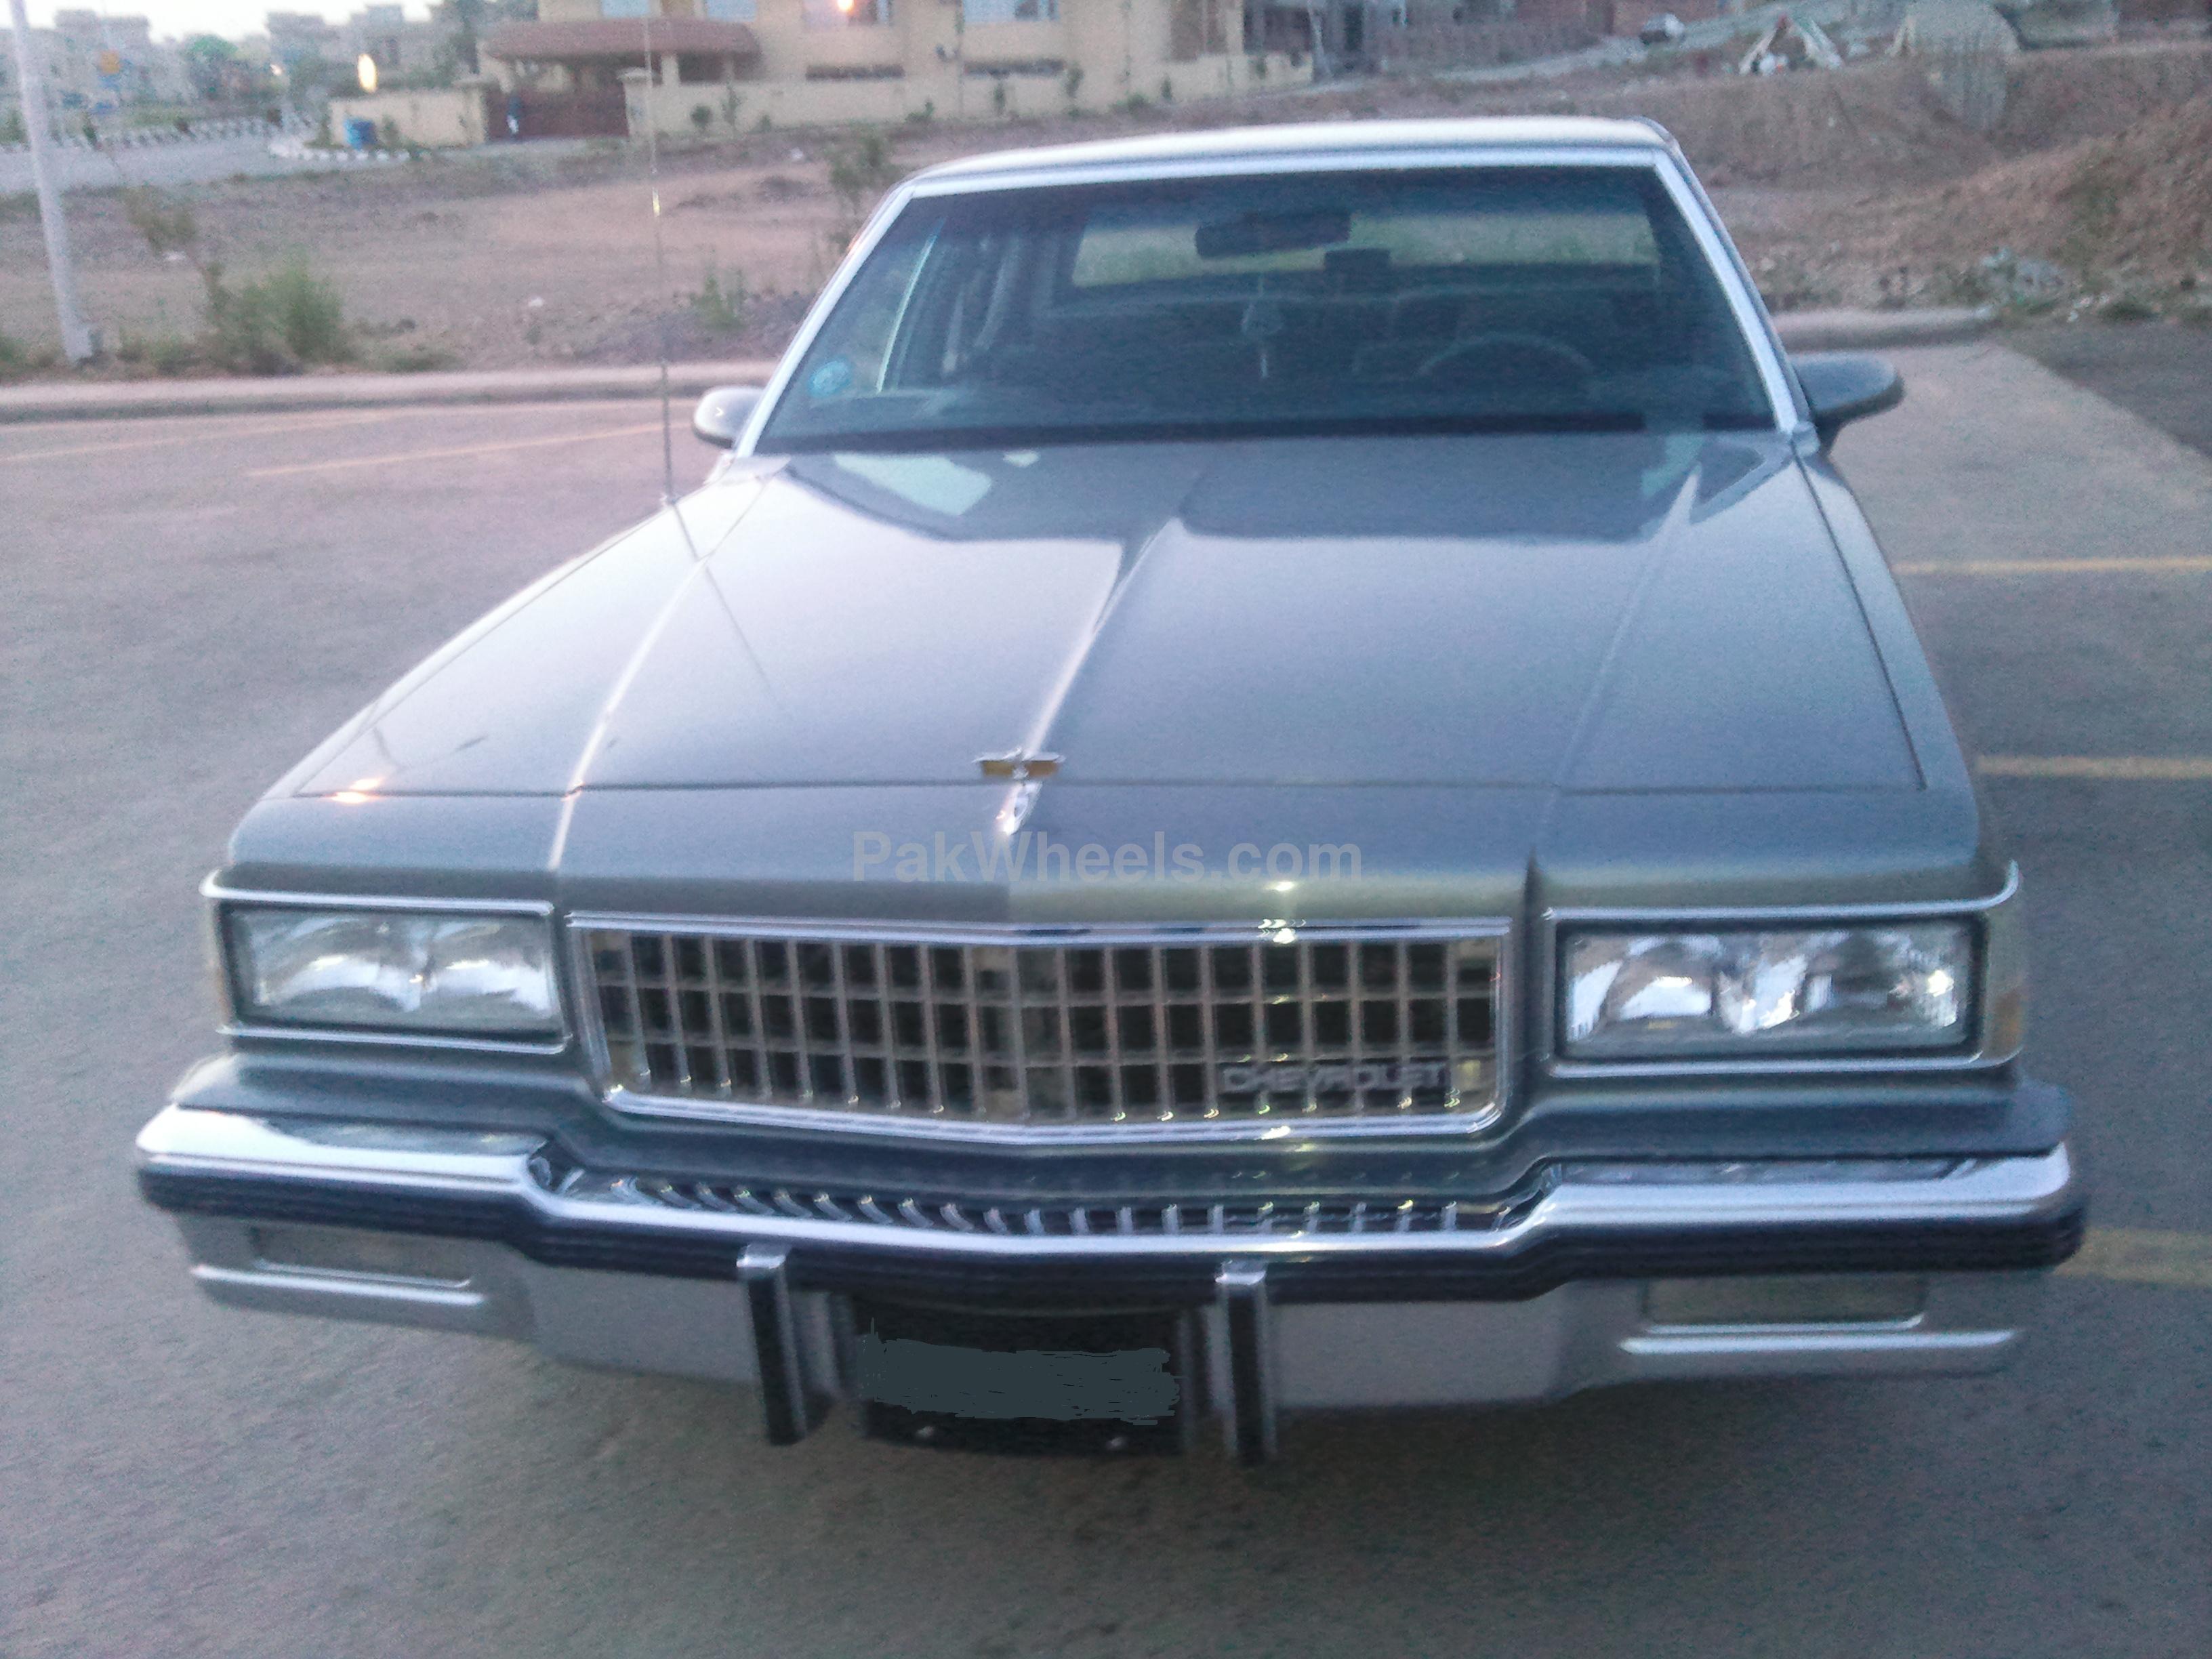 Chevrolet Caprice - 1988  ws Image-1